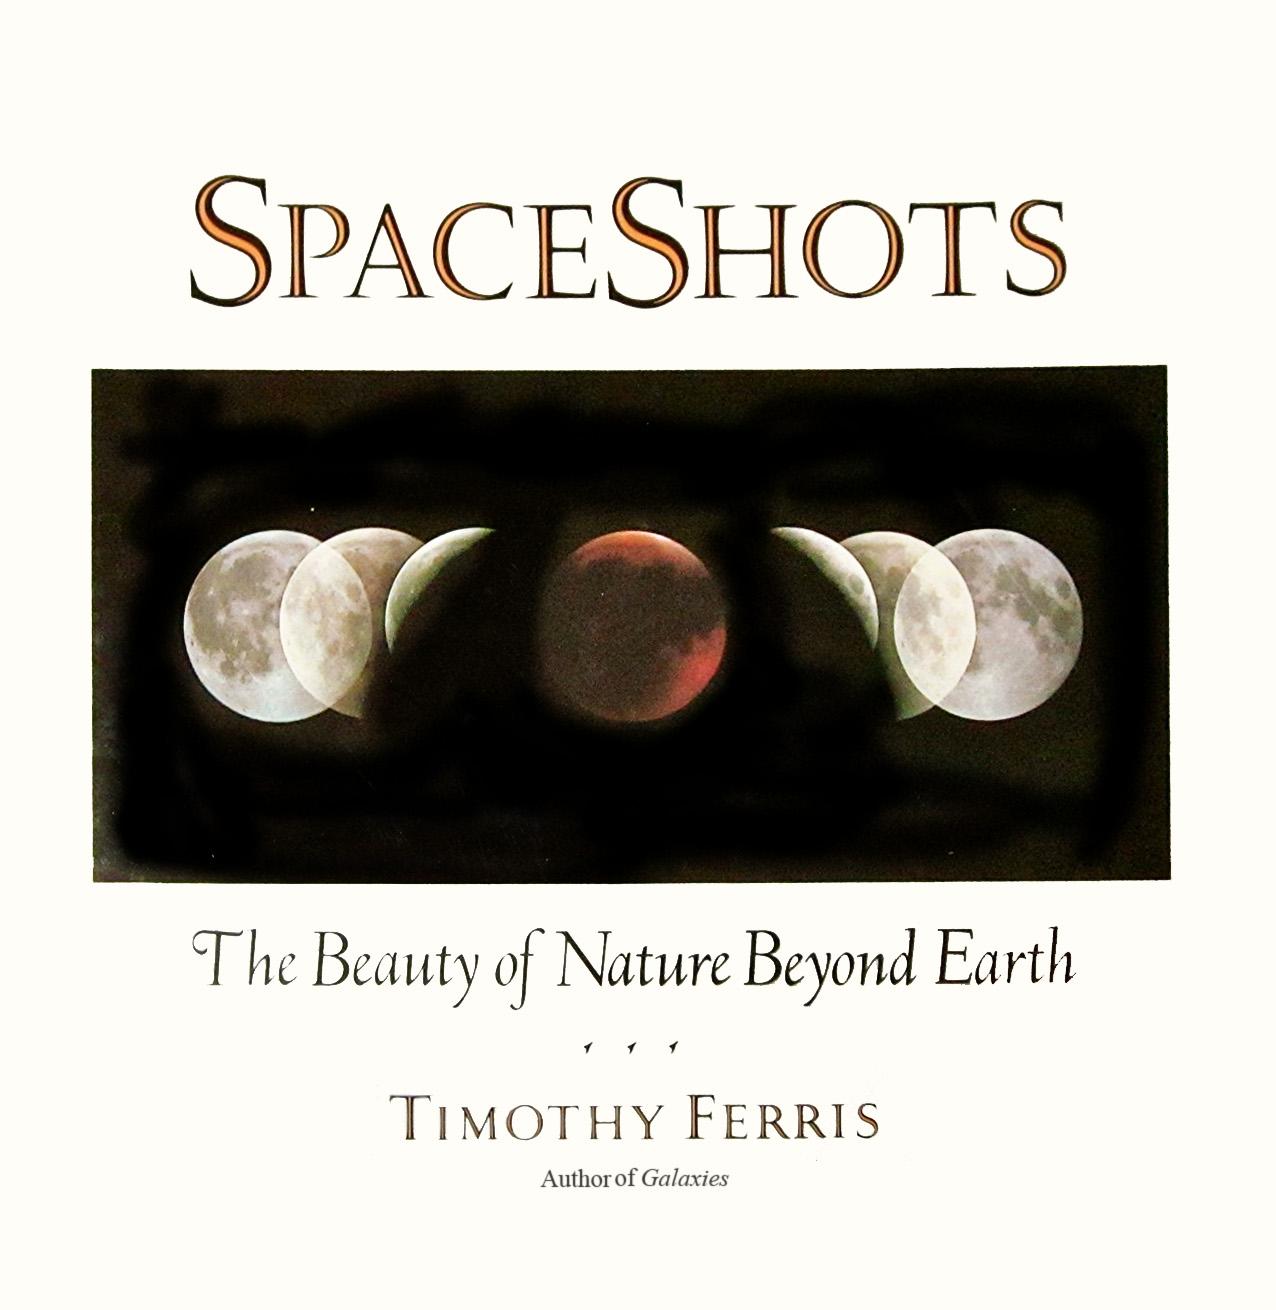 SpaceShots